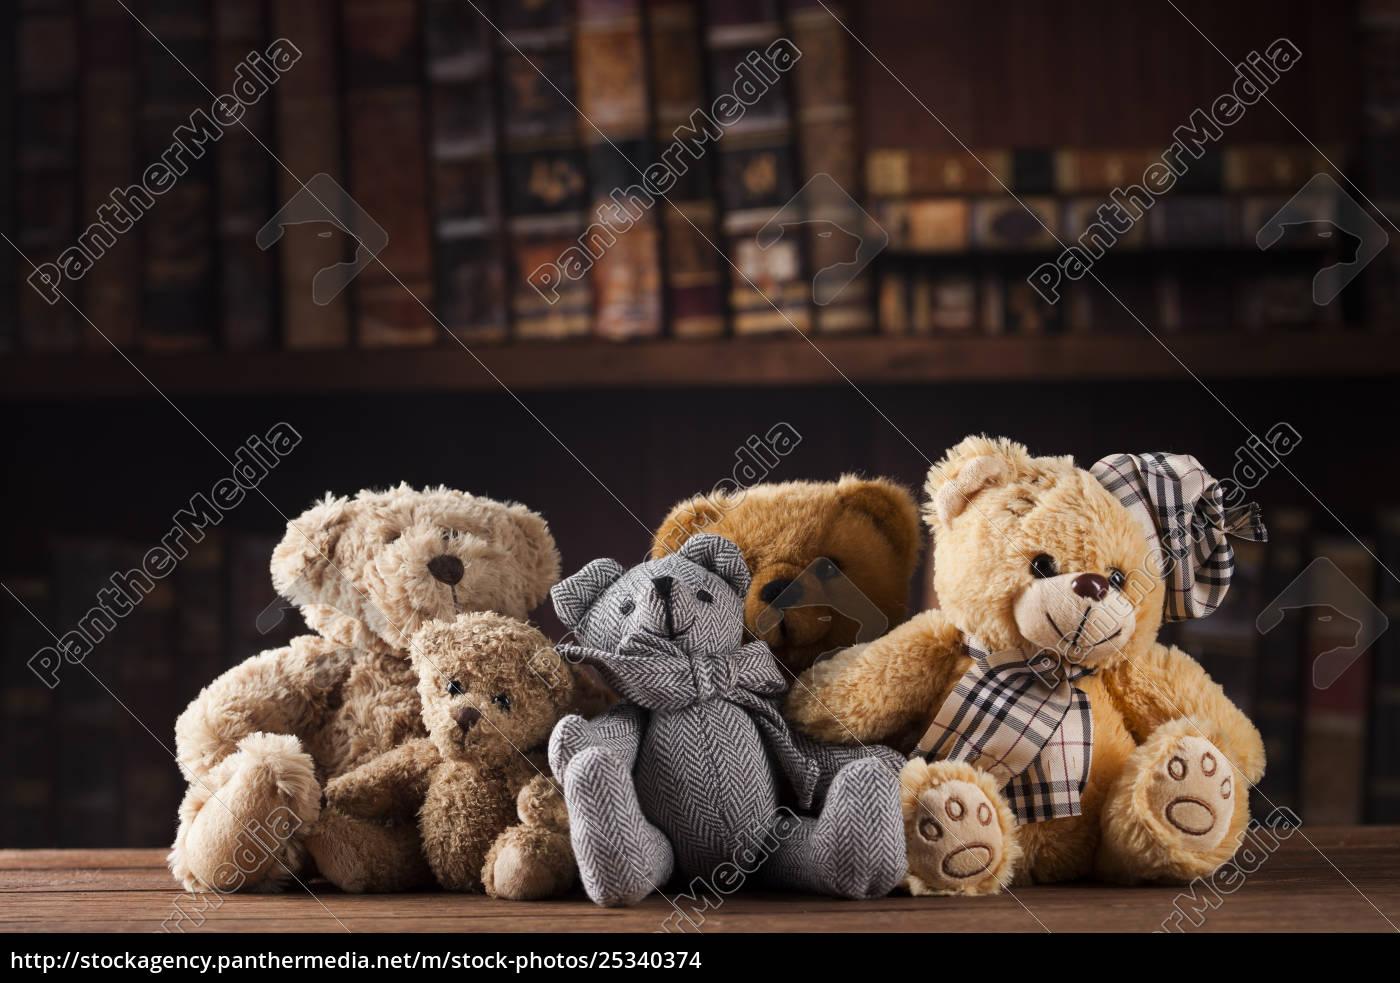 group, of, cute, teddy, bears, on - 25340374